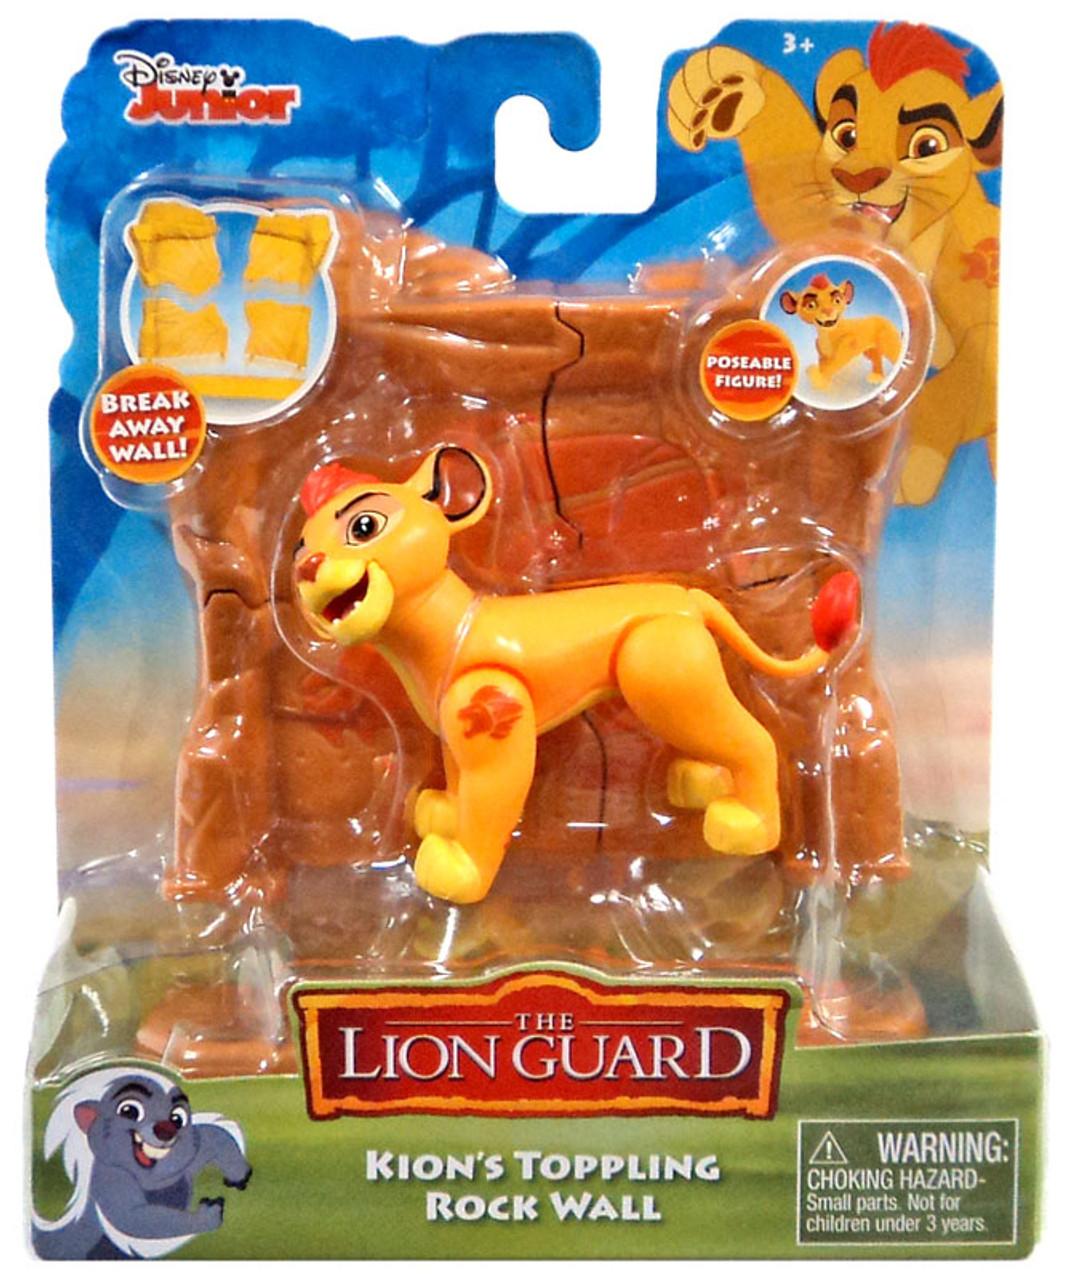 Fuli Kiara Bunga Ono Lion Guard Bath Toy Figures Set of 6 for children fun Behste Kion